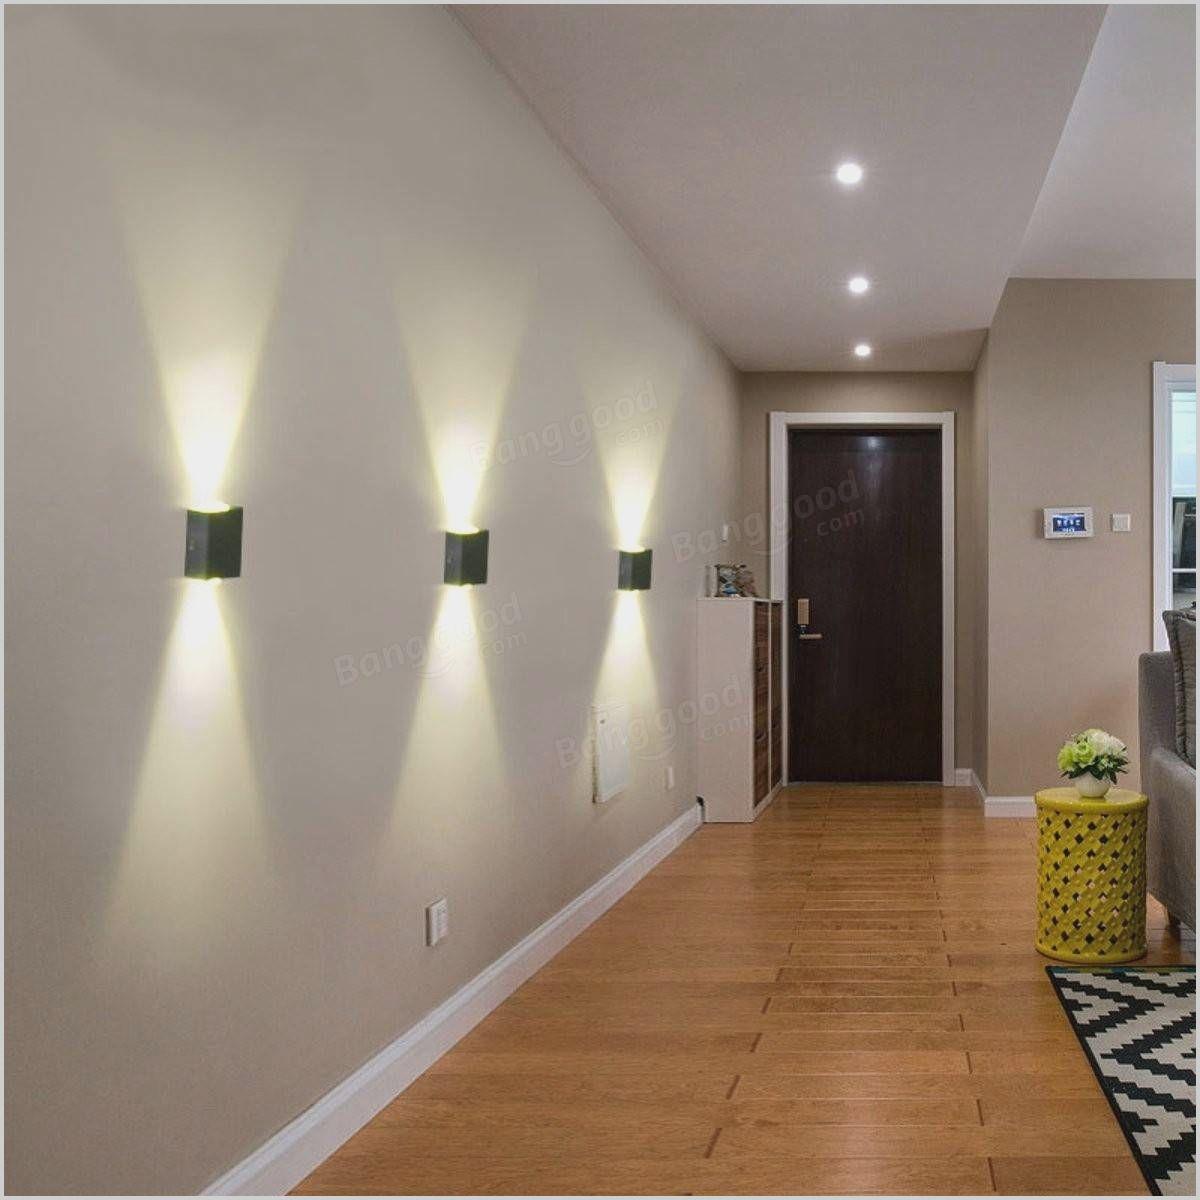 Moderne Wandlampen Fur Wohnzimmer In 2020 Kellerbeleuchtung Wandlampen Wandbeleuchtung